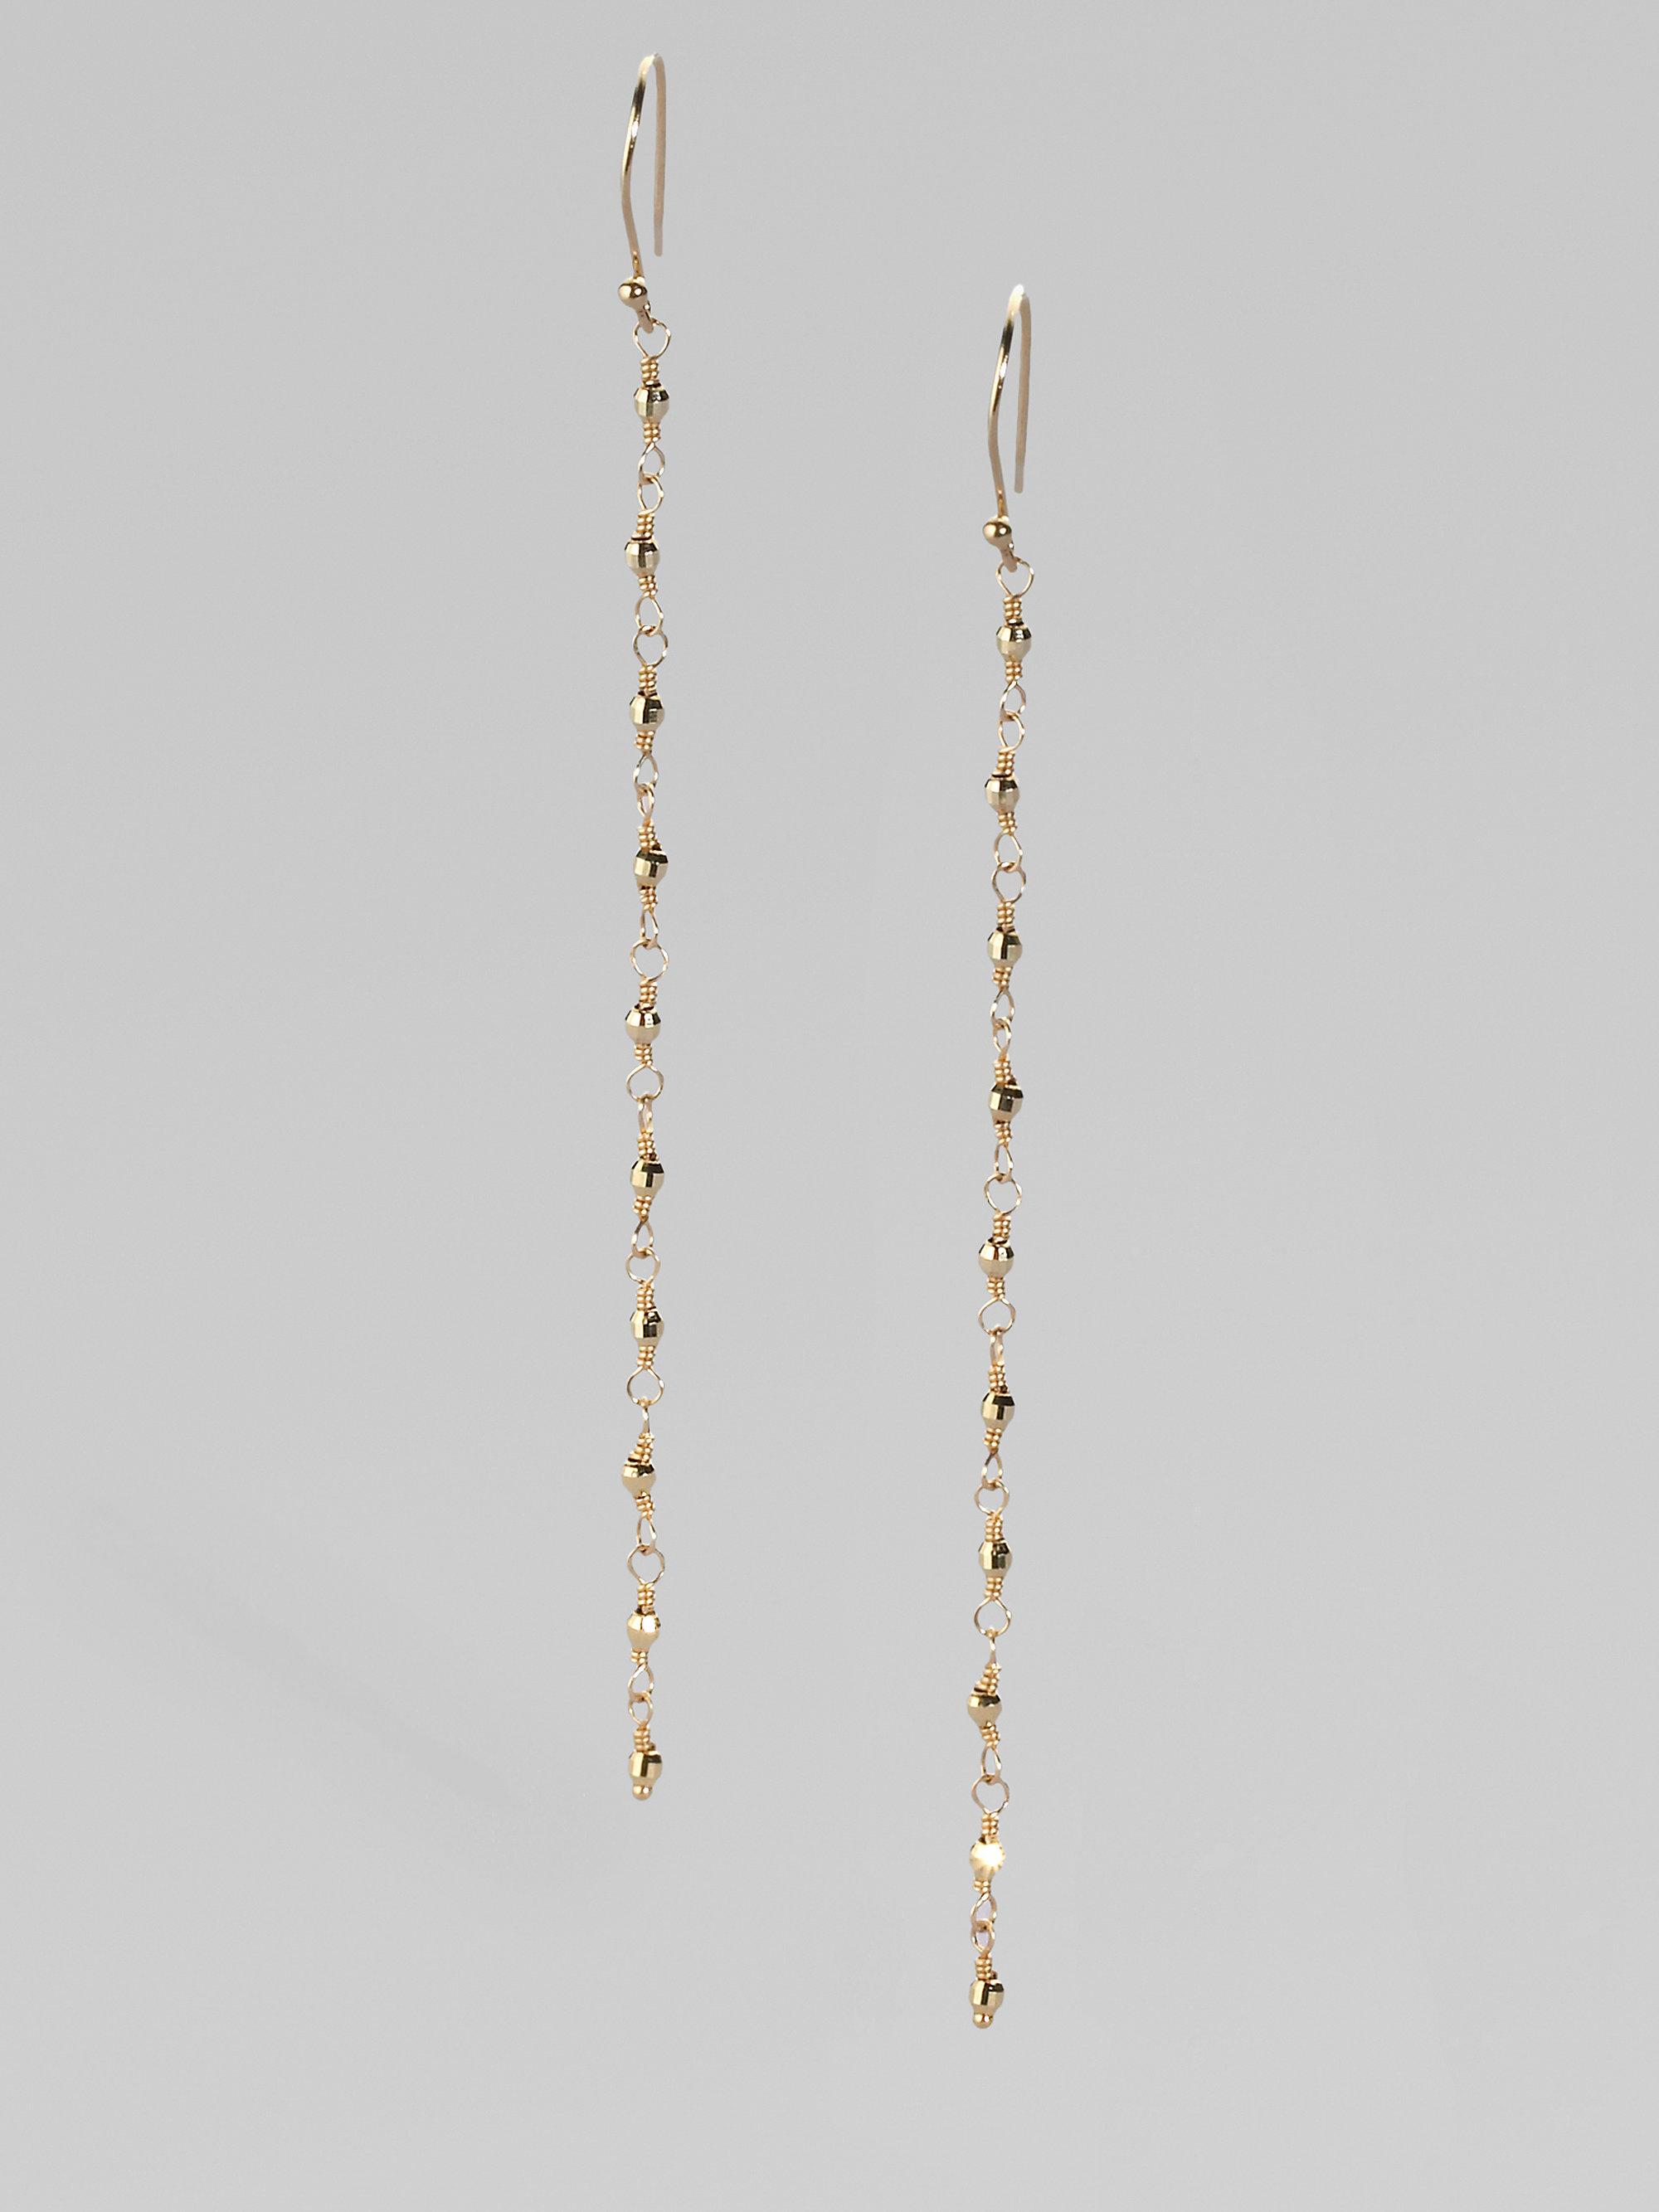 Mizuki 14k Yellow Gold Chain Earrings in Metallic